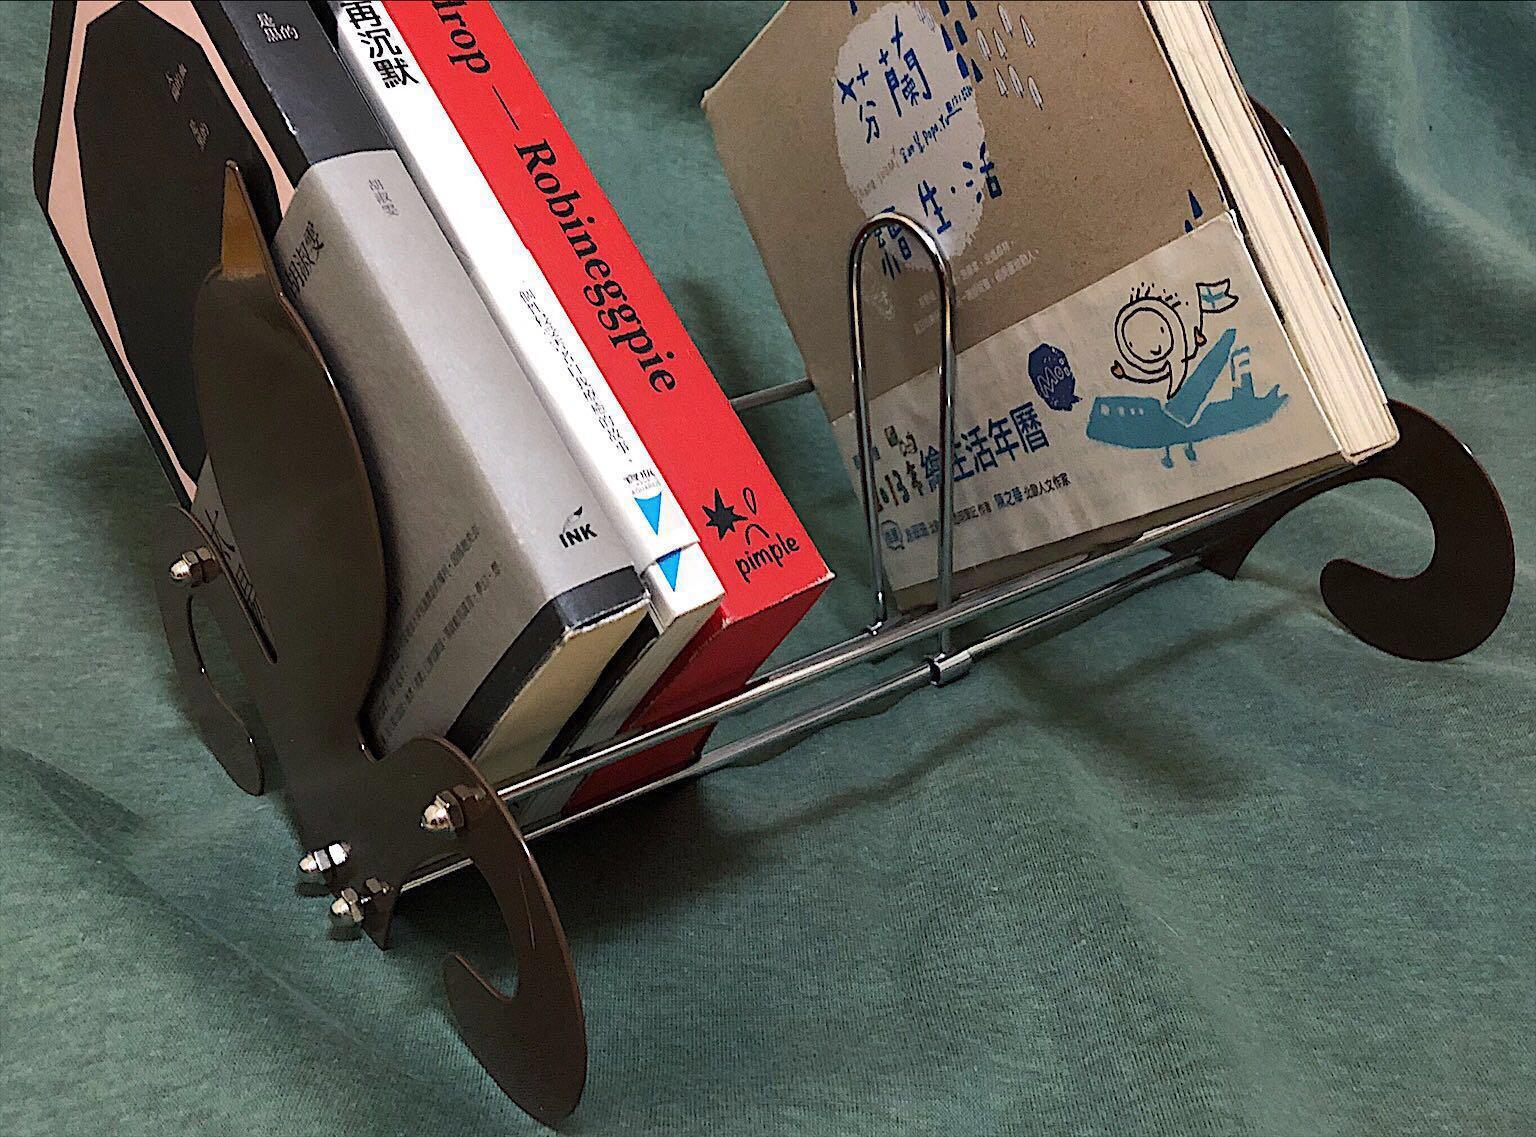 早期書架   CD架  書報架  金屬   庫存新品